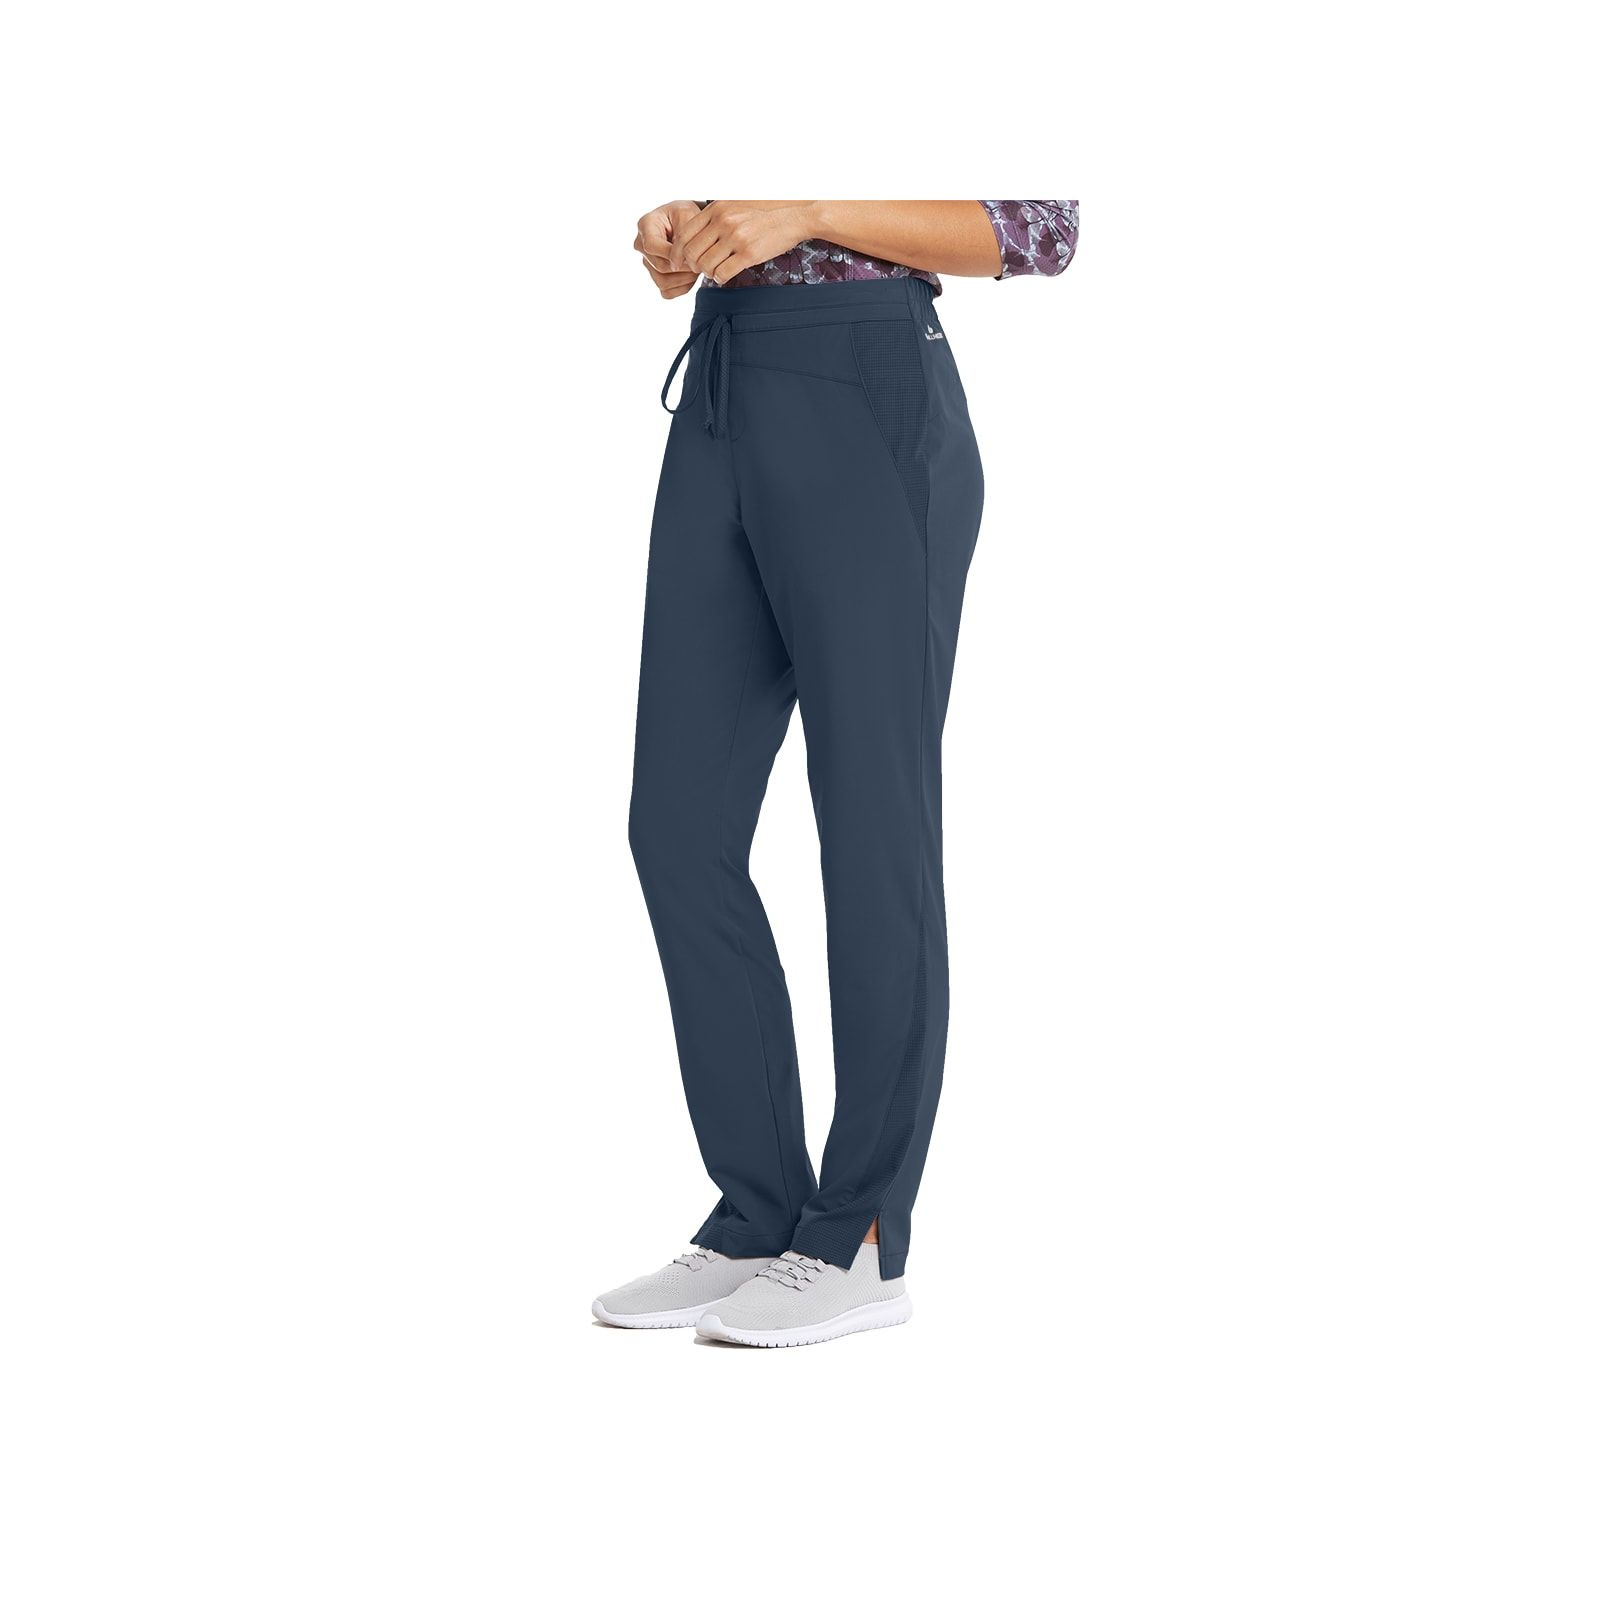 """Pantalon médical femme, couleur gris anthracite vue de côté, collection """"Barco One Wellness"""" (BWP506-)"""